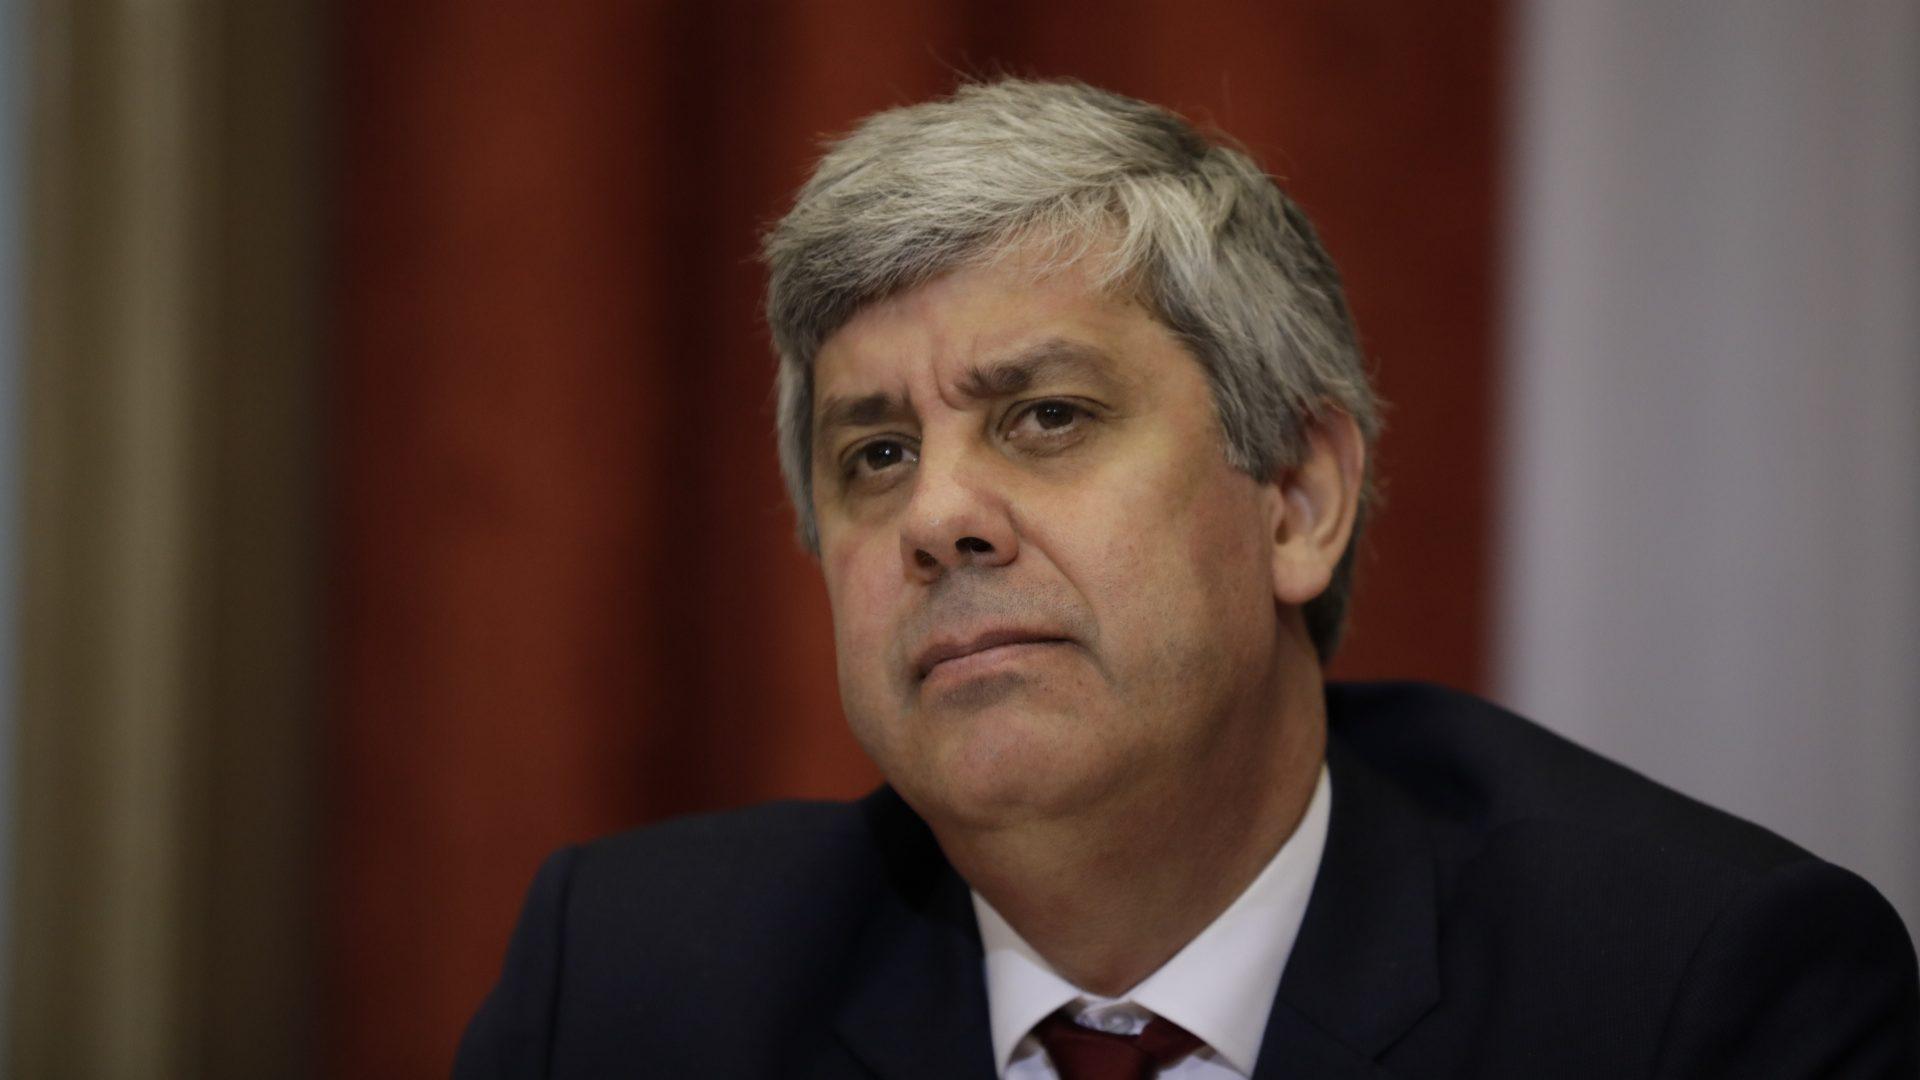 Finanças libertam 430 milhões para Fundo de Resolução injetar no Novo Banco